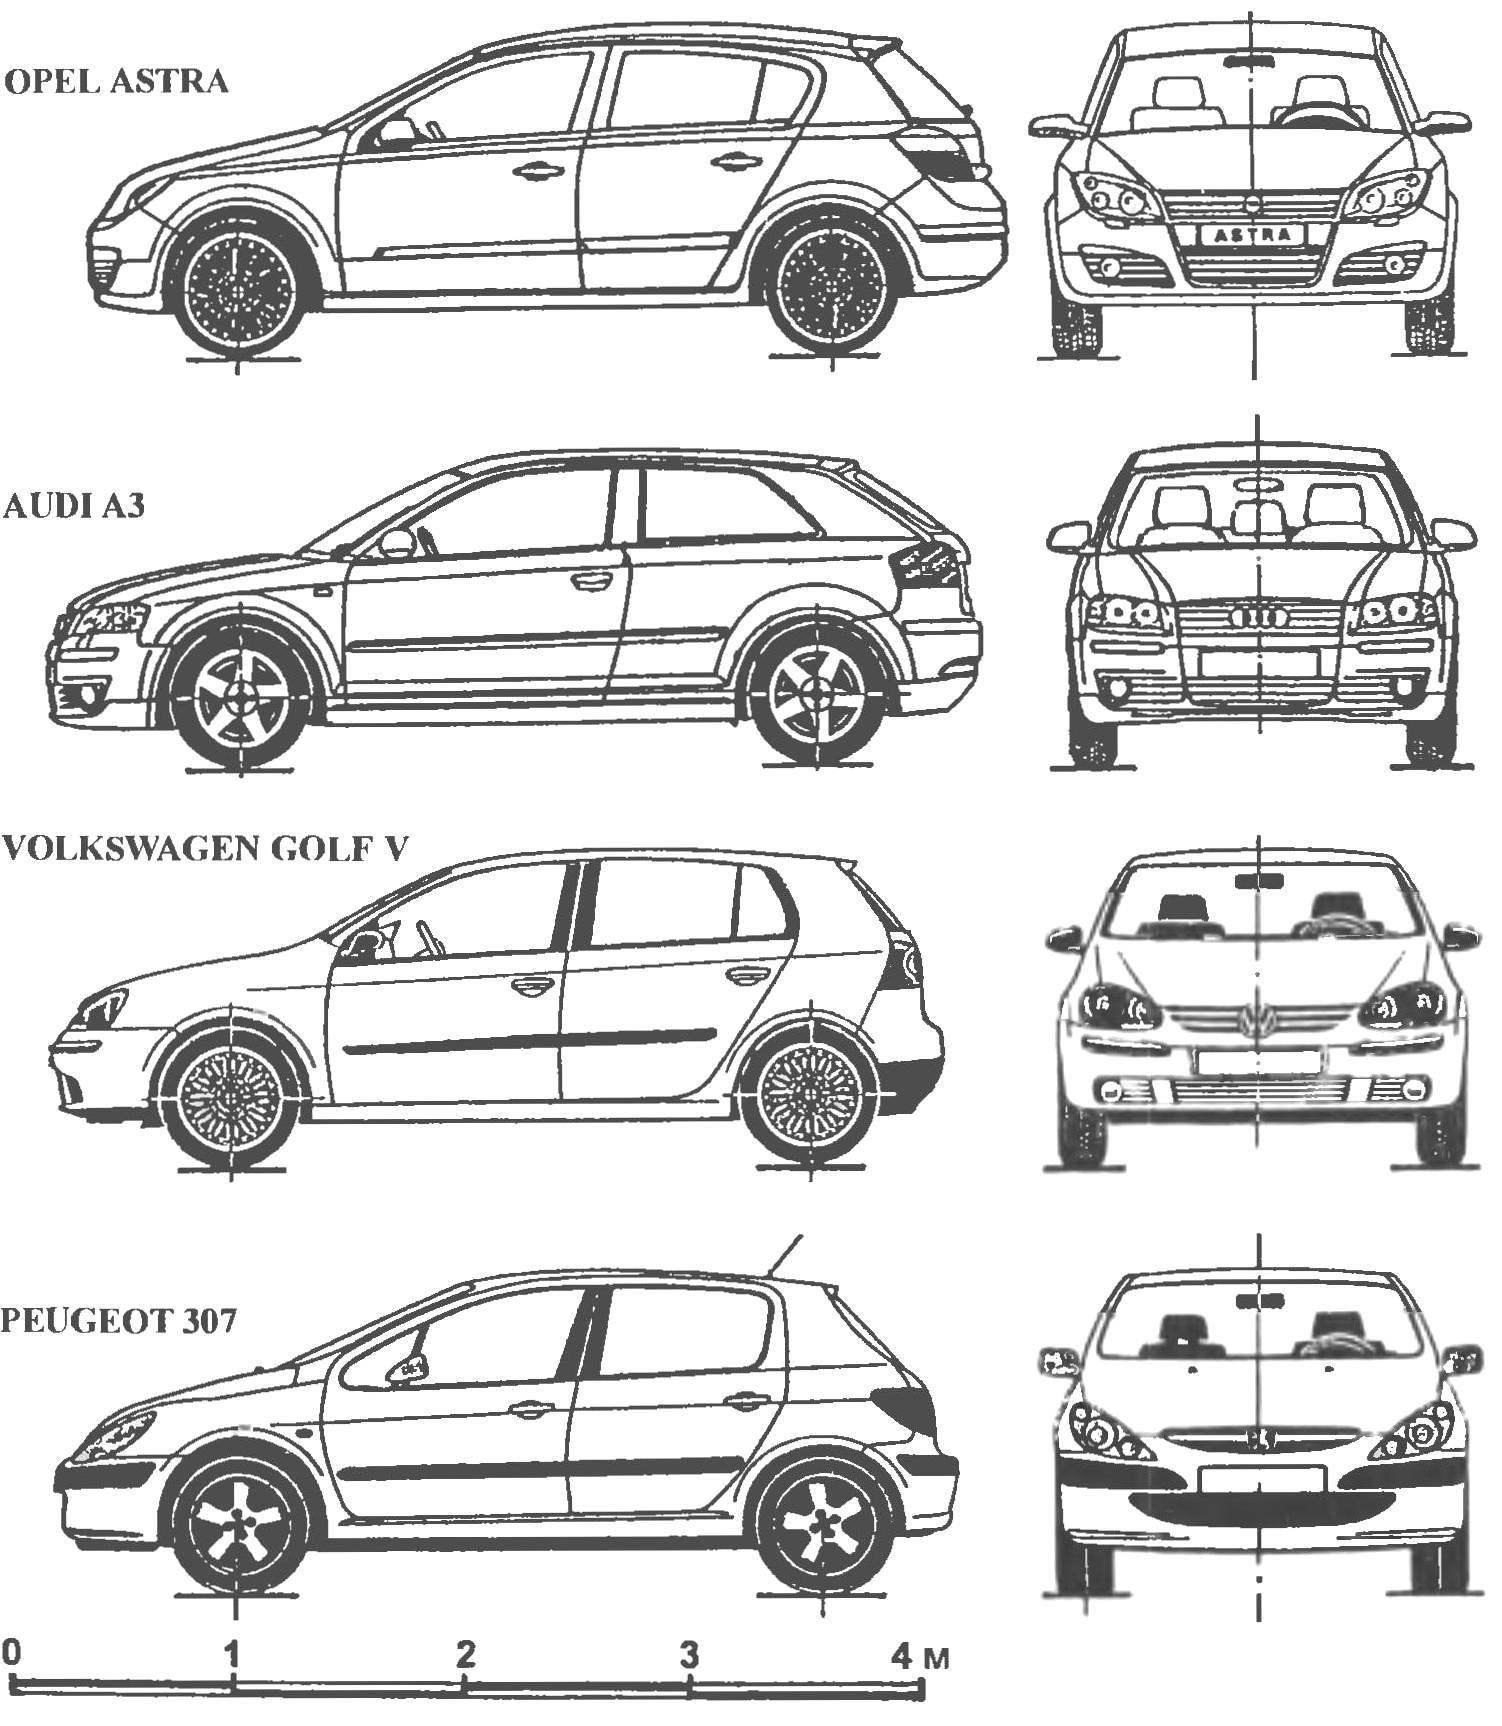 Сравнительная схема современных автомобилей гольф-класса